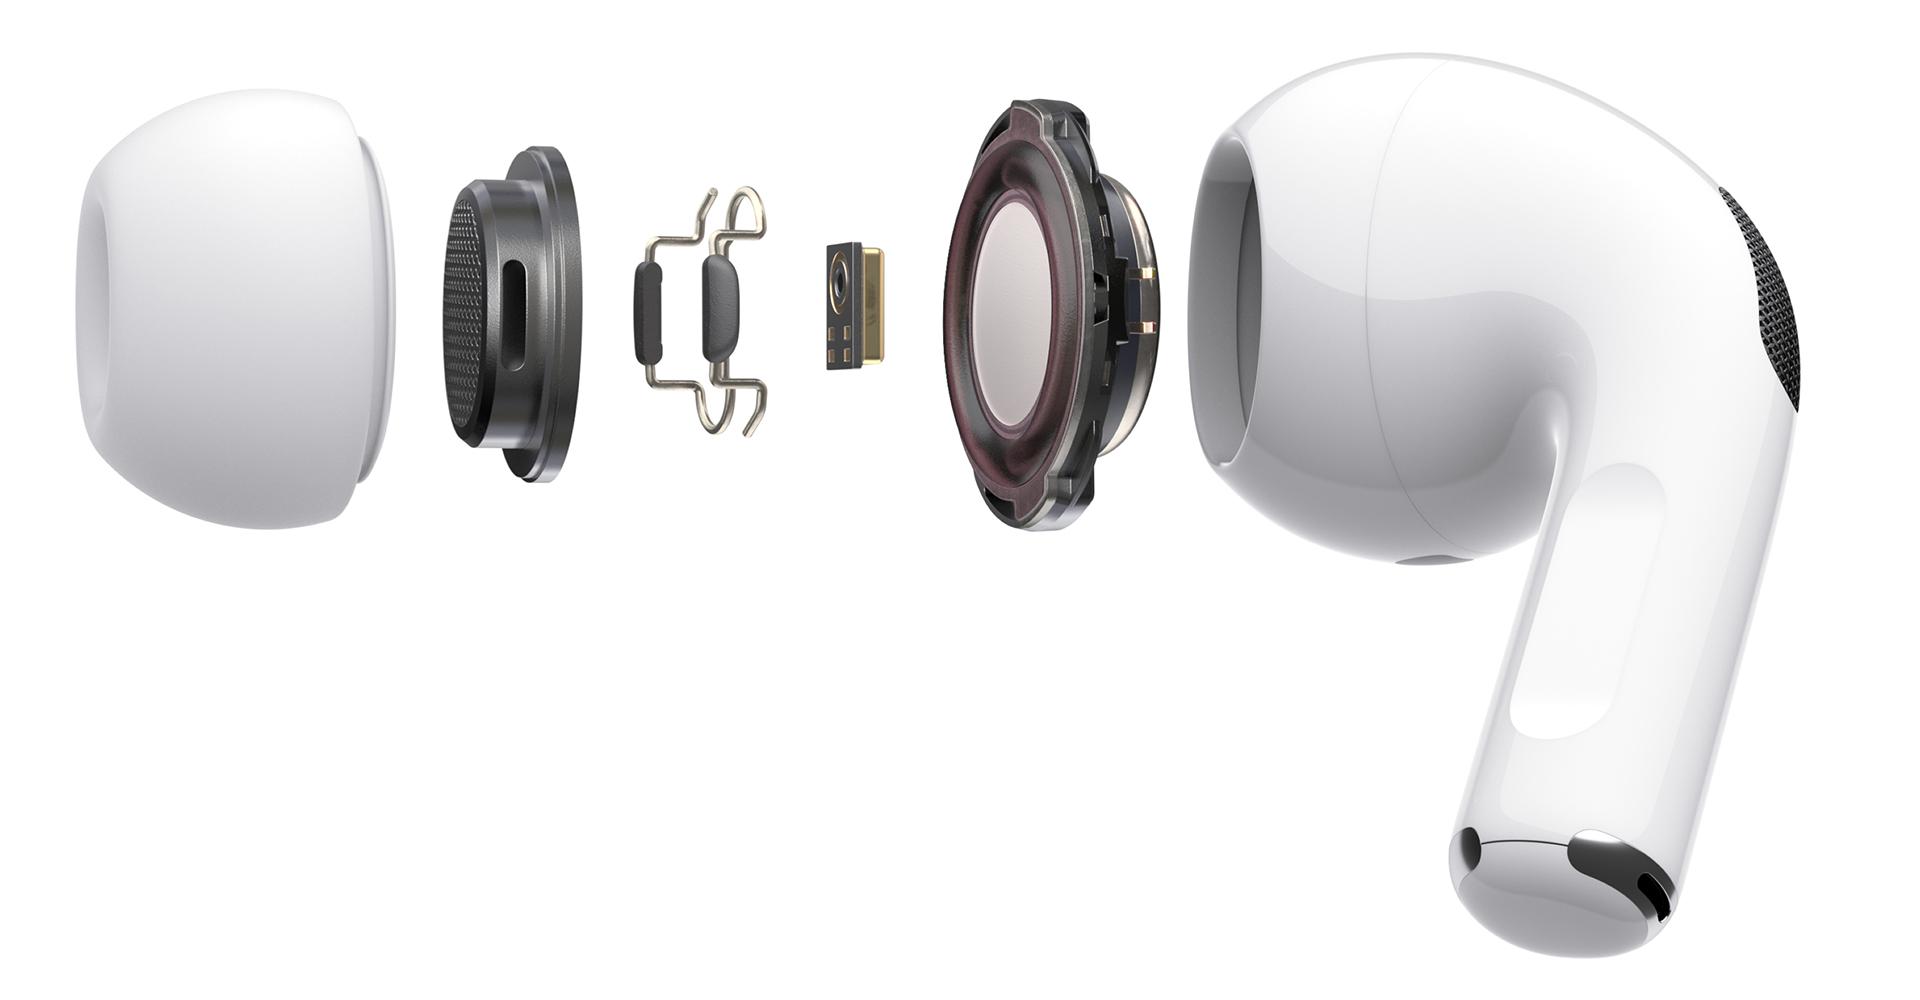 Innerer Aufbau der Apple AirPods Pro